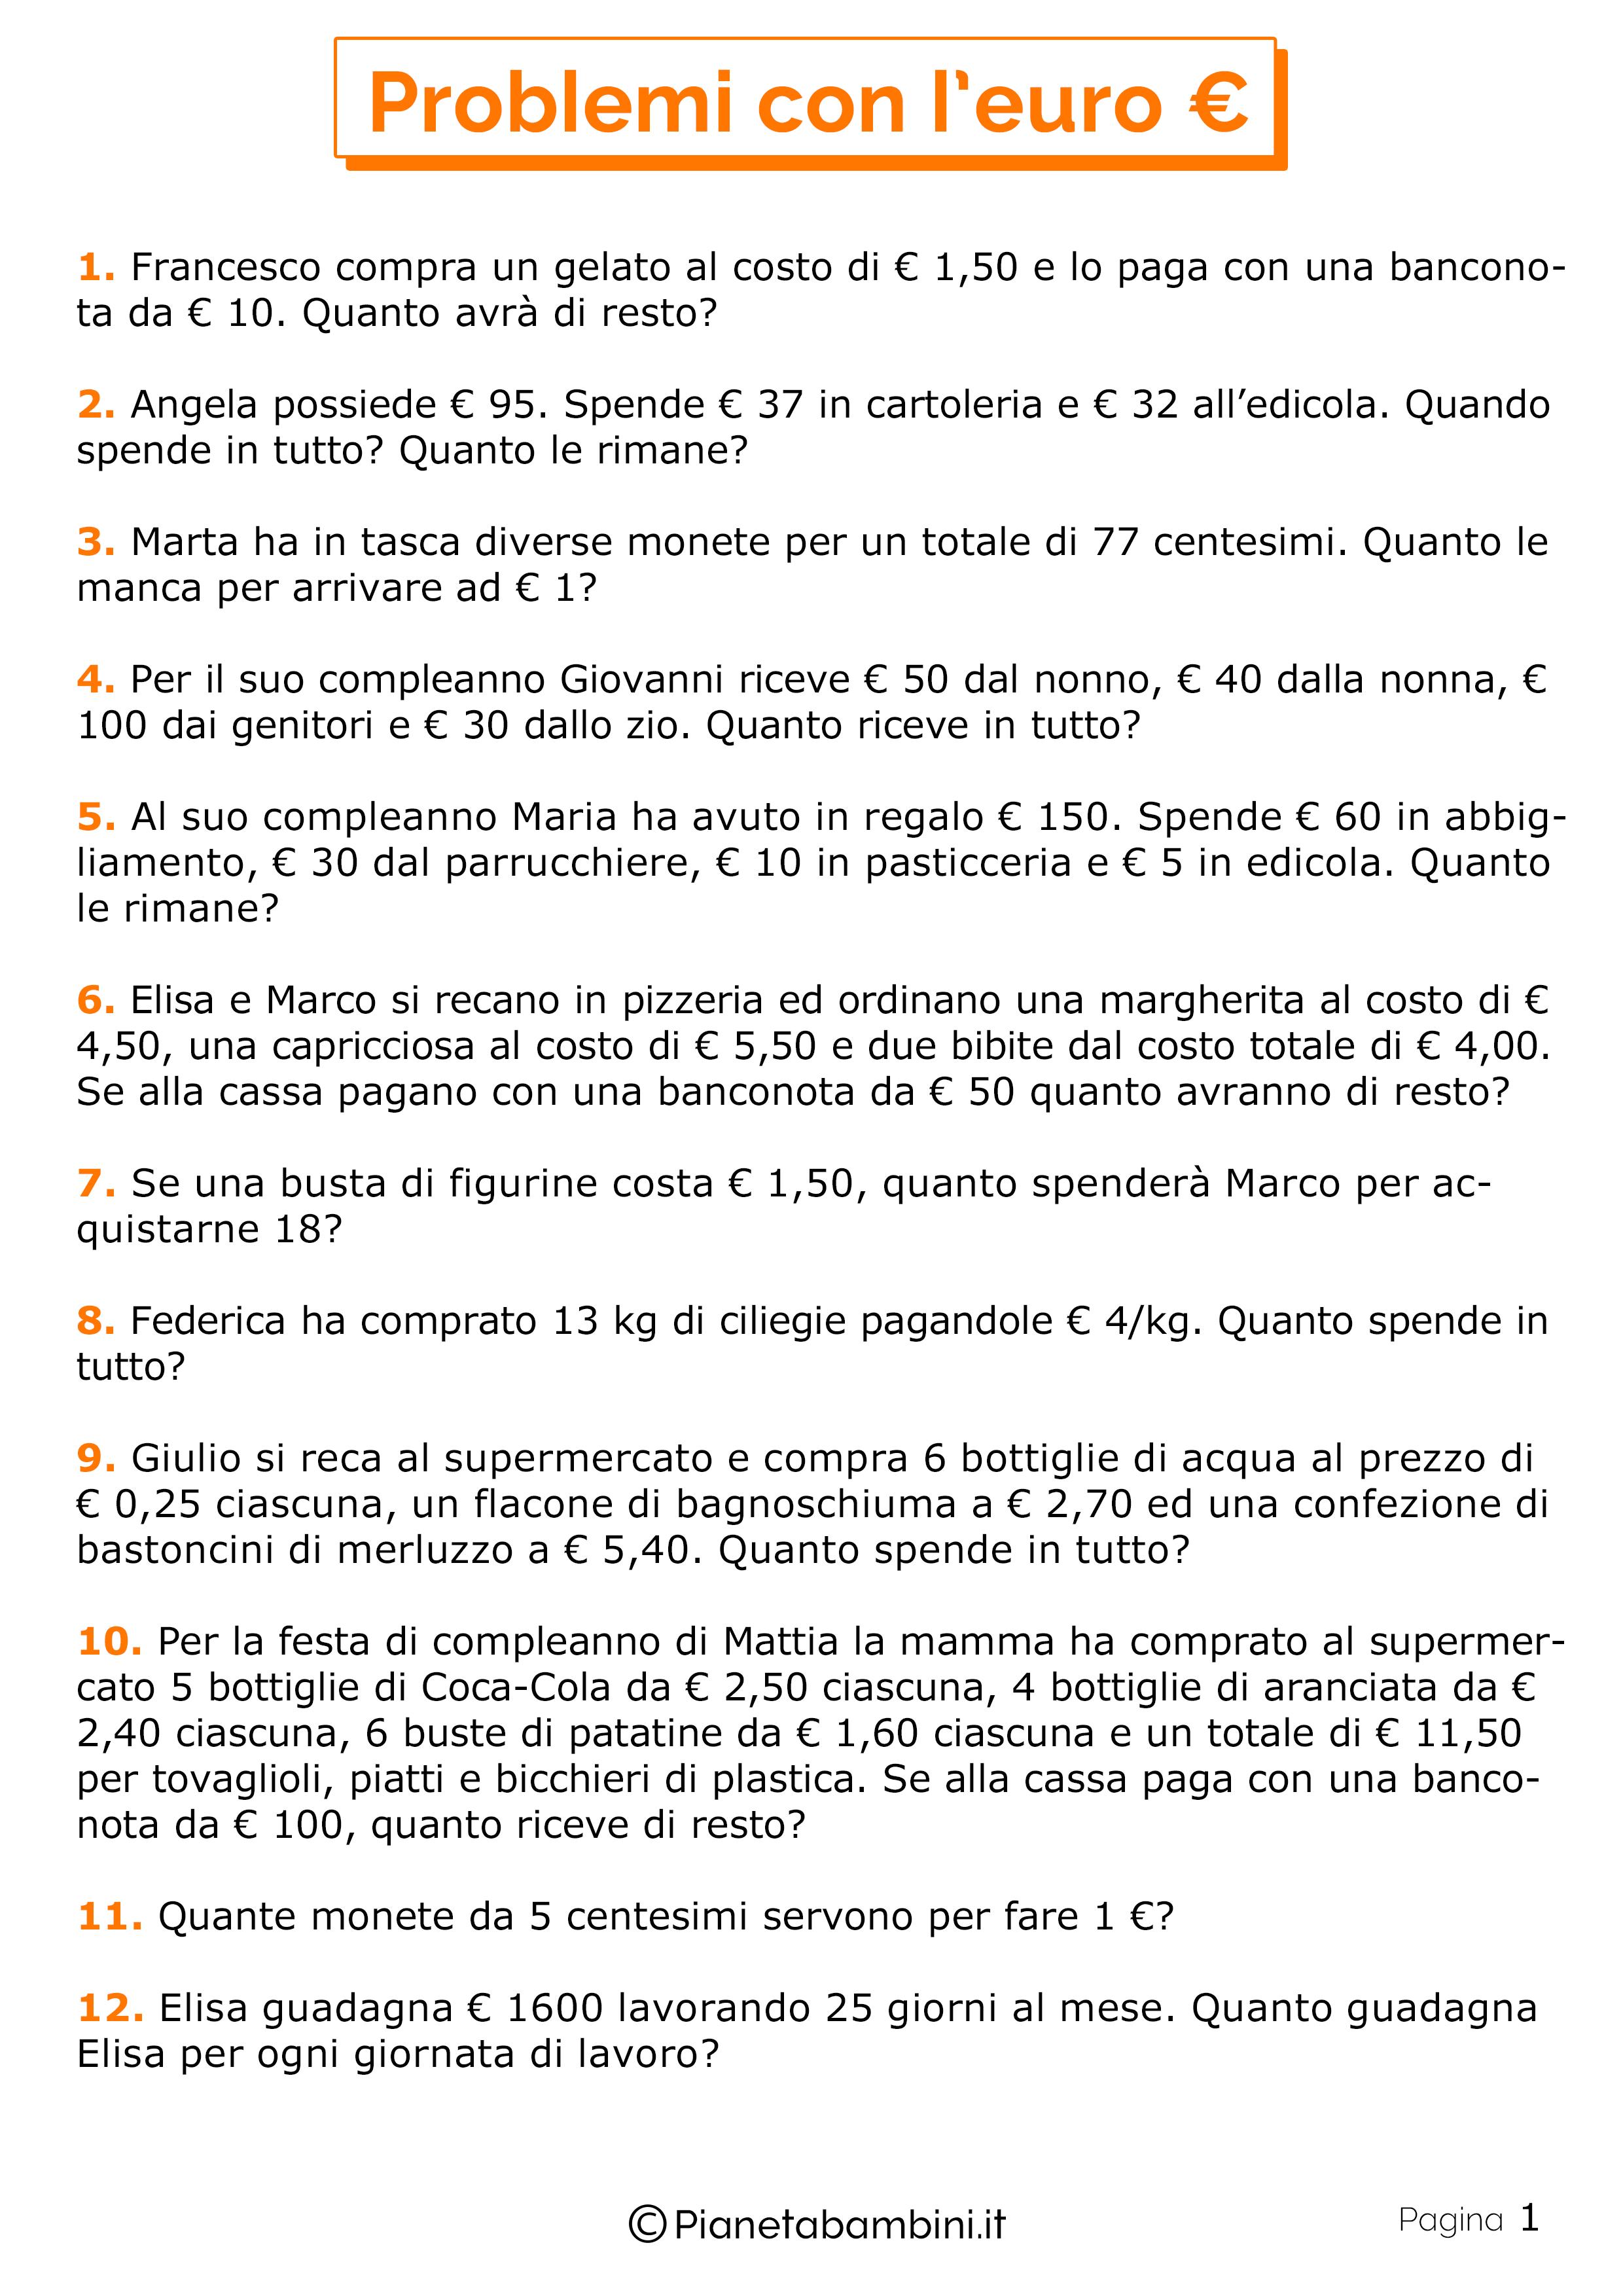 20 Problemi con l'Euro per la Scuola Primaria ...